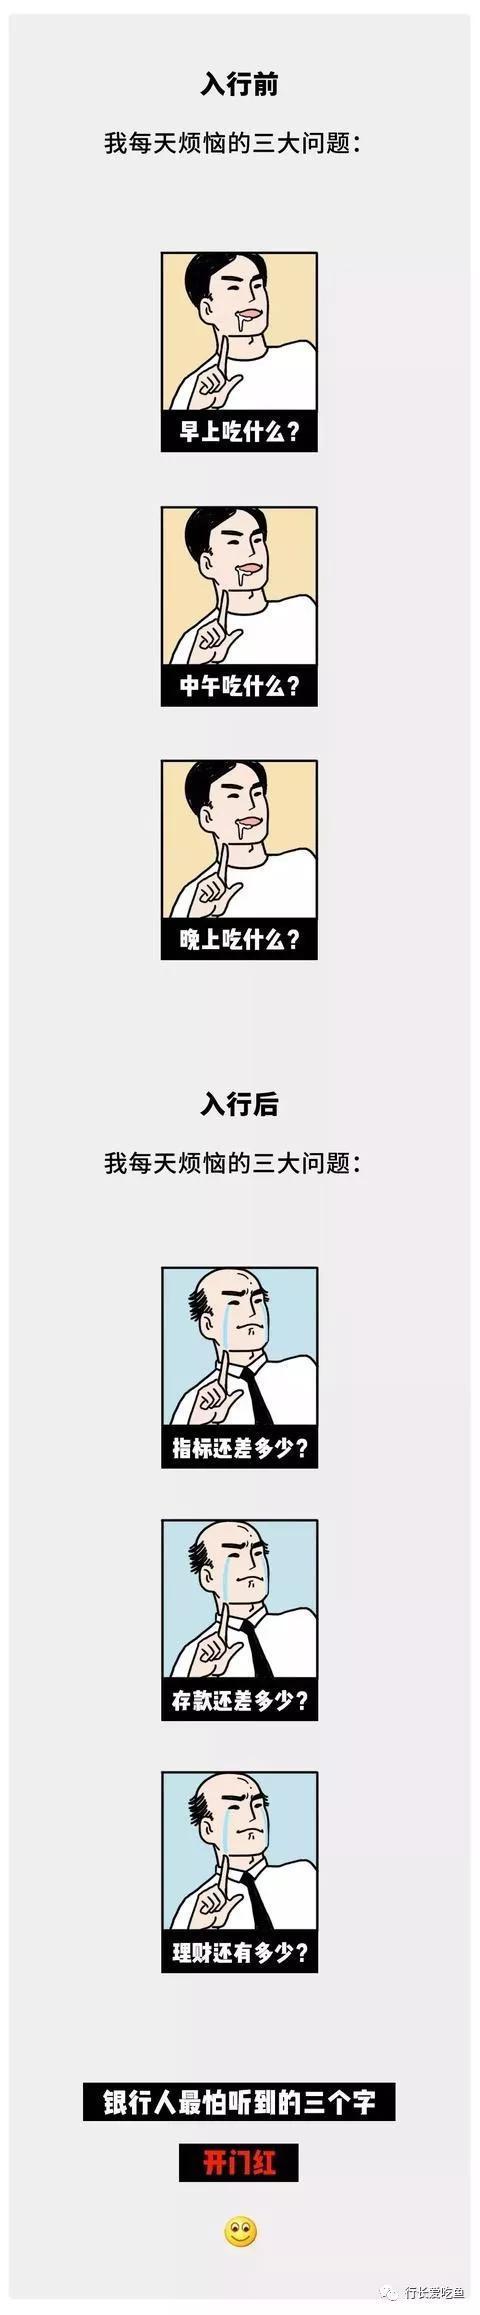 「新乐界娱乐场乐官方网」12天前推荐为董事长人选的他,落马